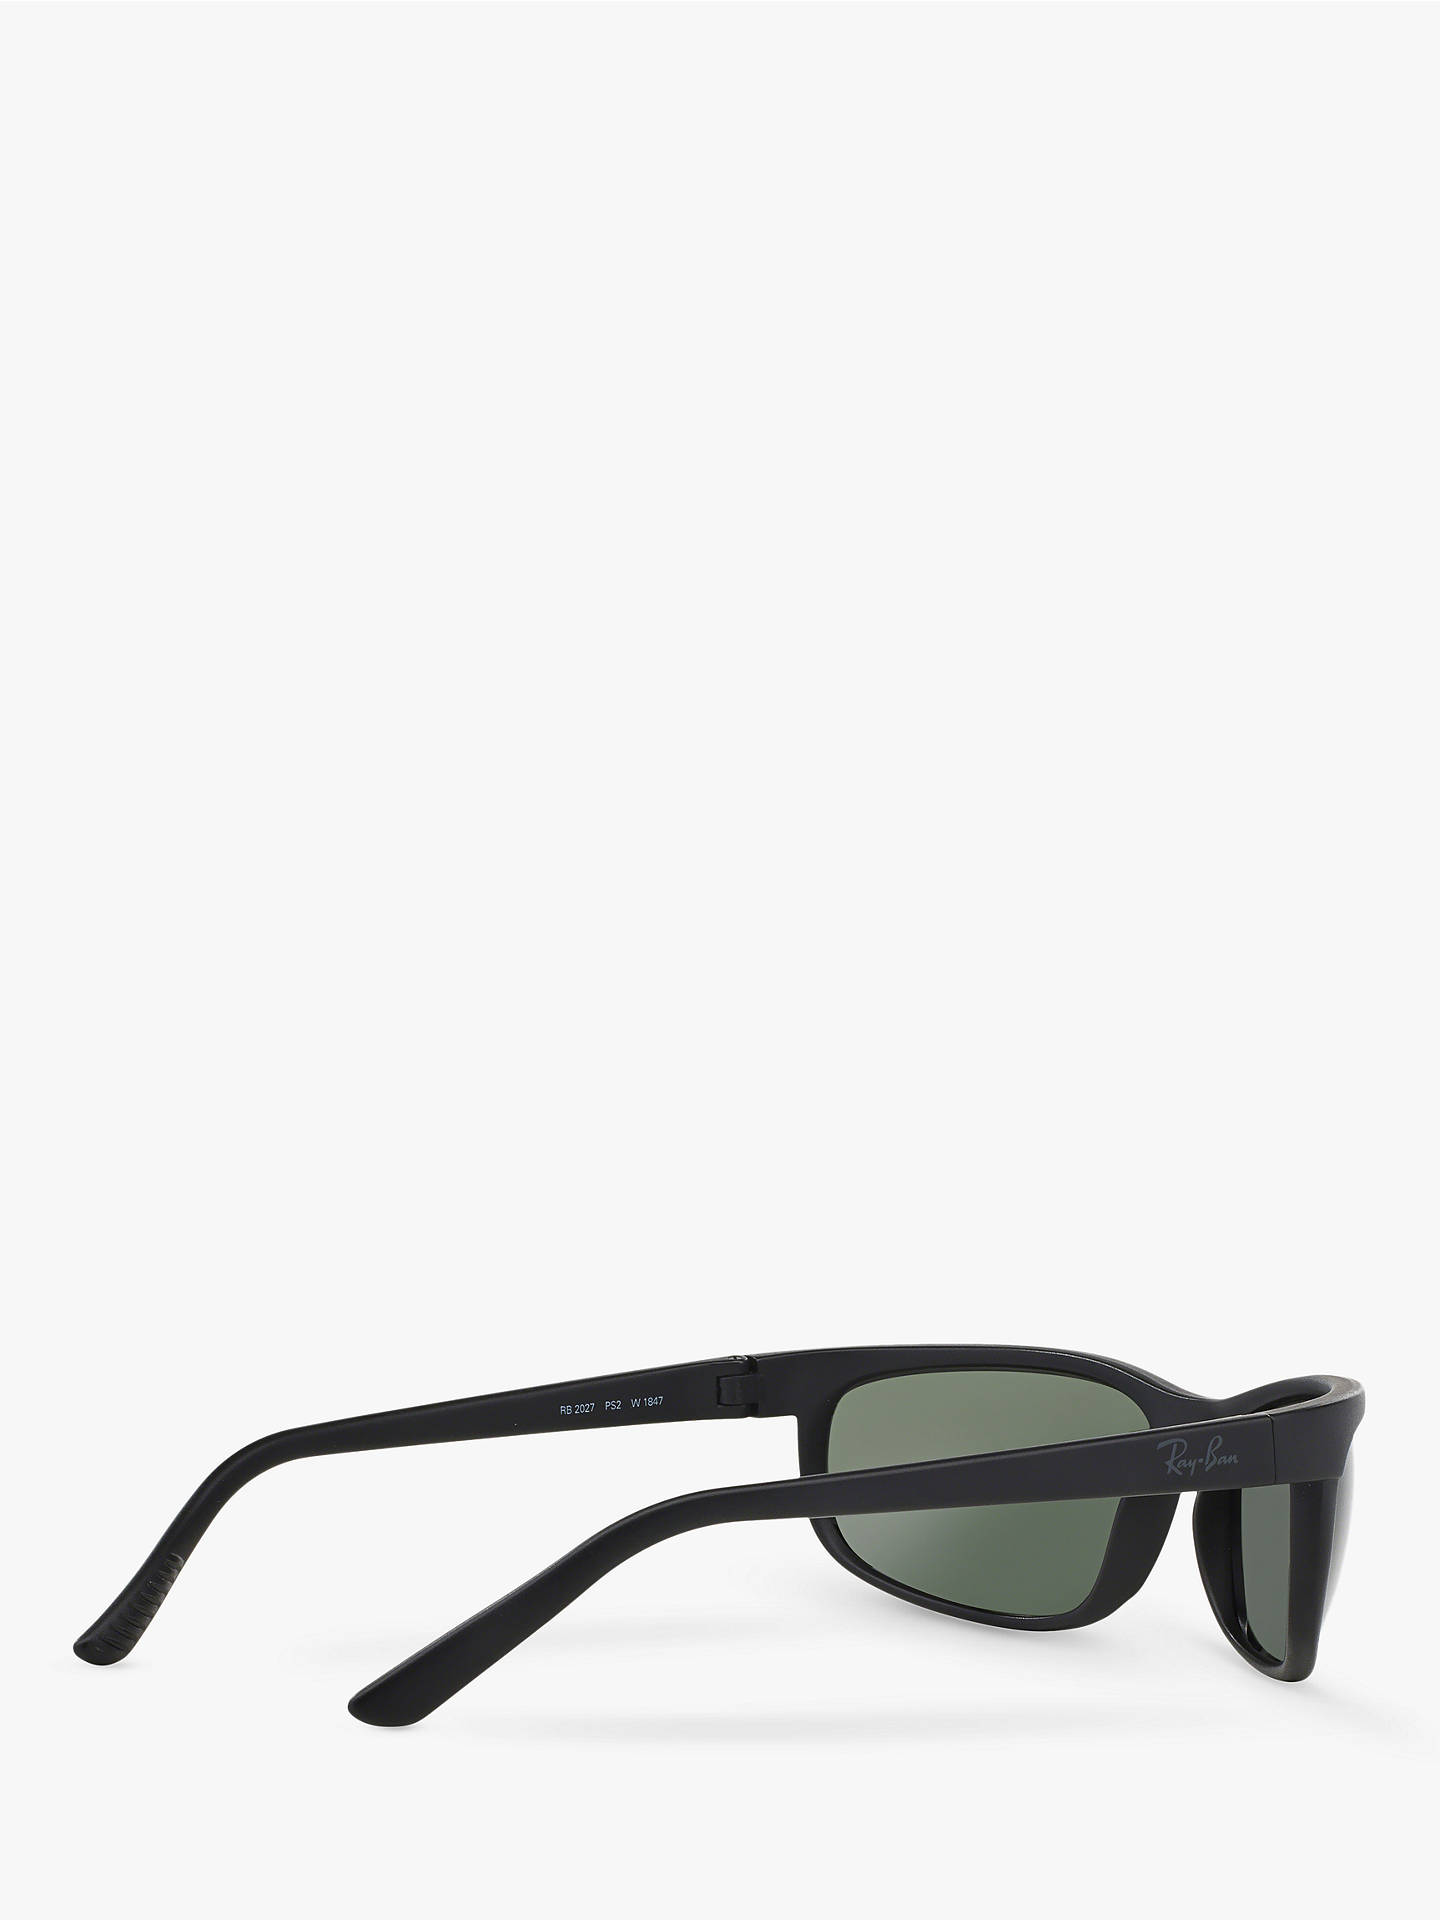 7f52f3665d ... Buy Ray-Ban RB2027 Men's Predator 2 Rectangular Sunglasses, Matte Black/ Green Online ...